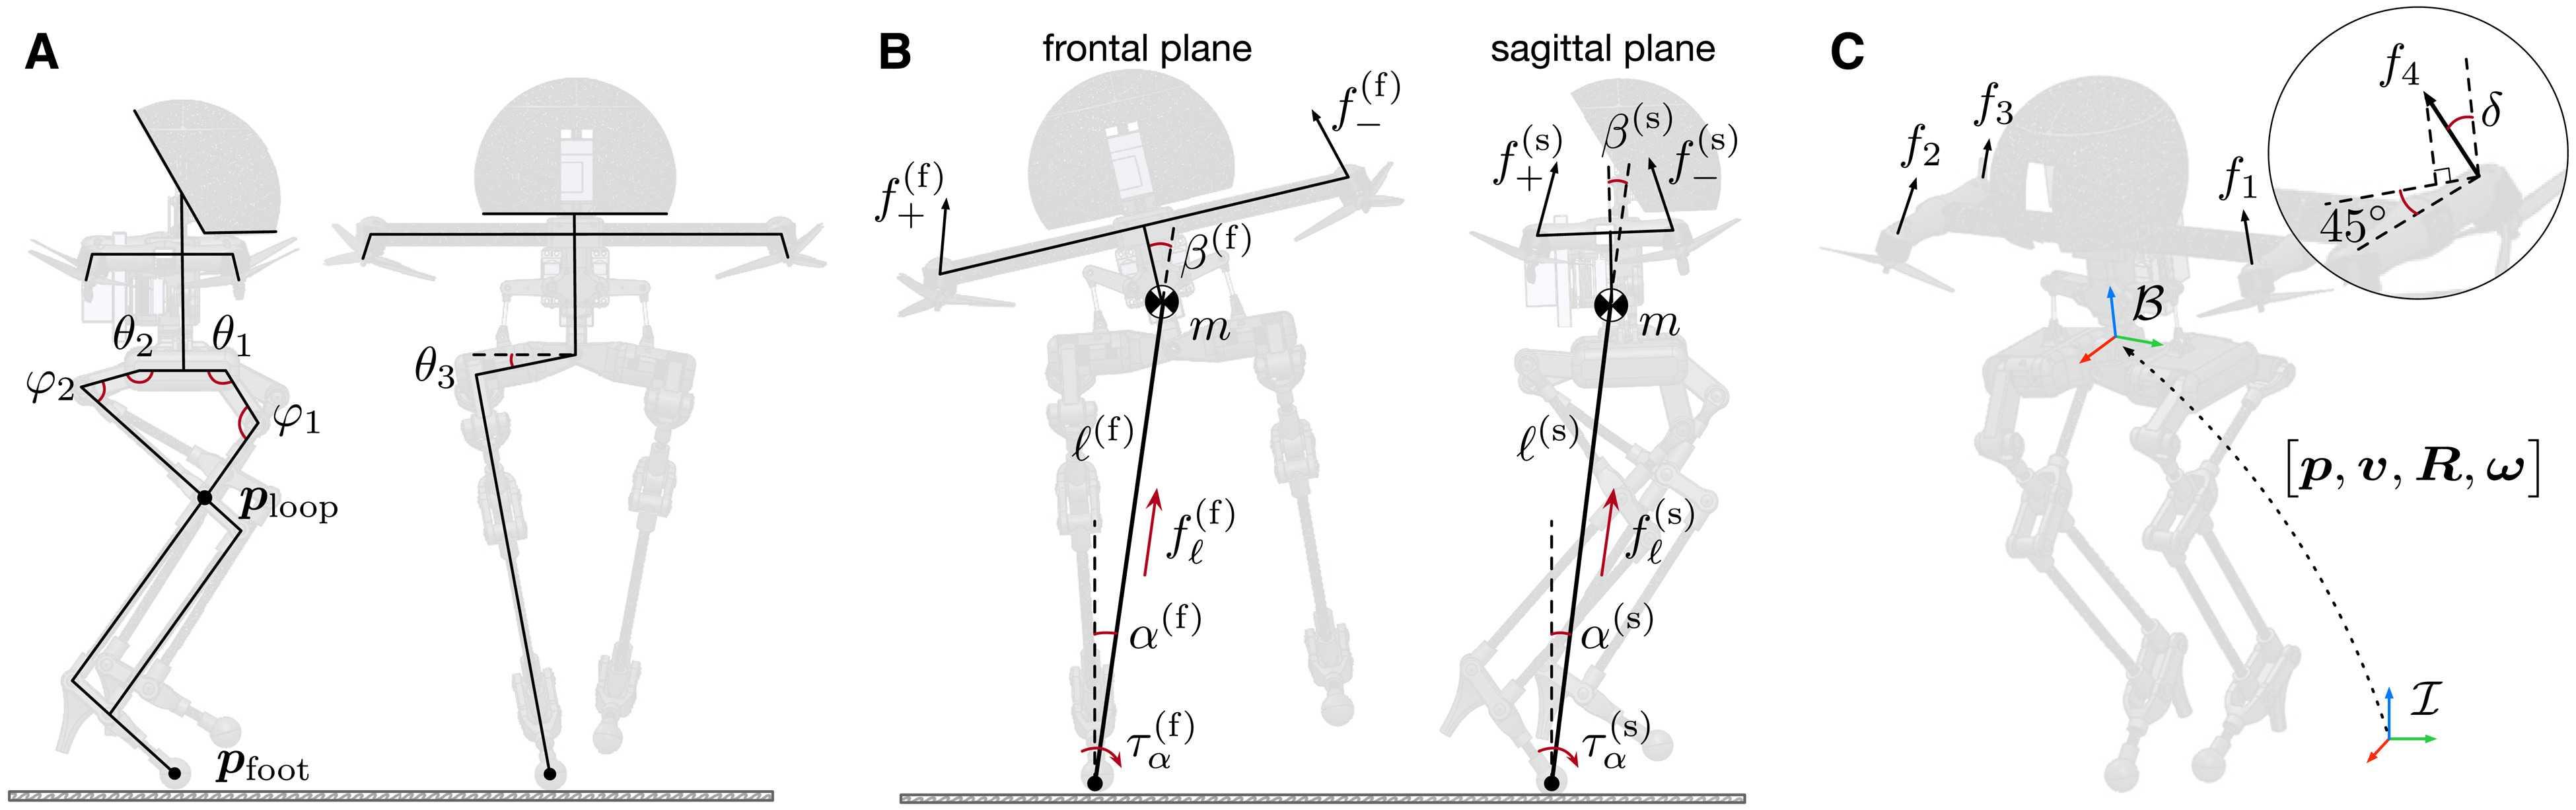 Двуногий робот «Леонардо» способен ходить и летать